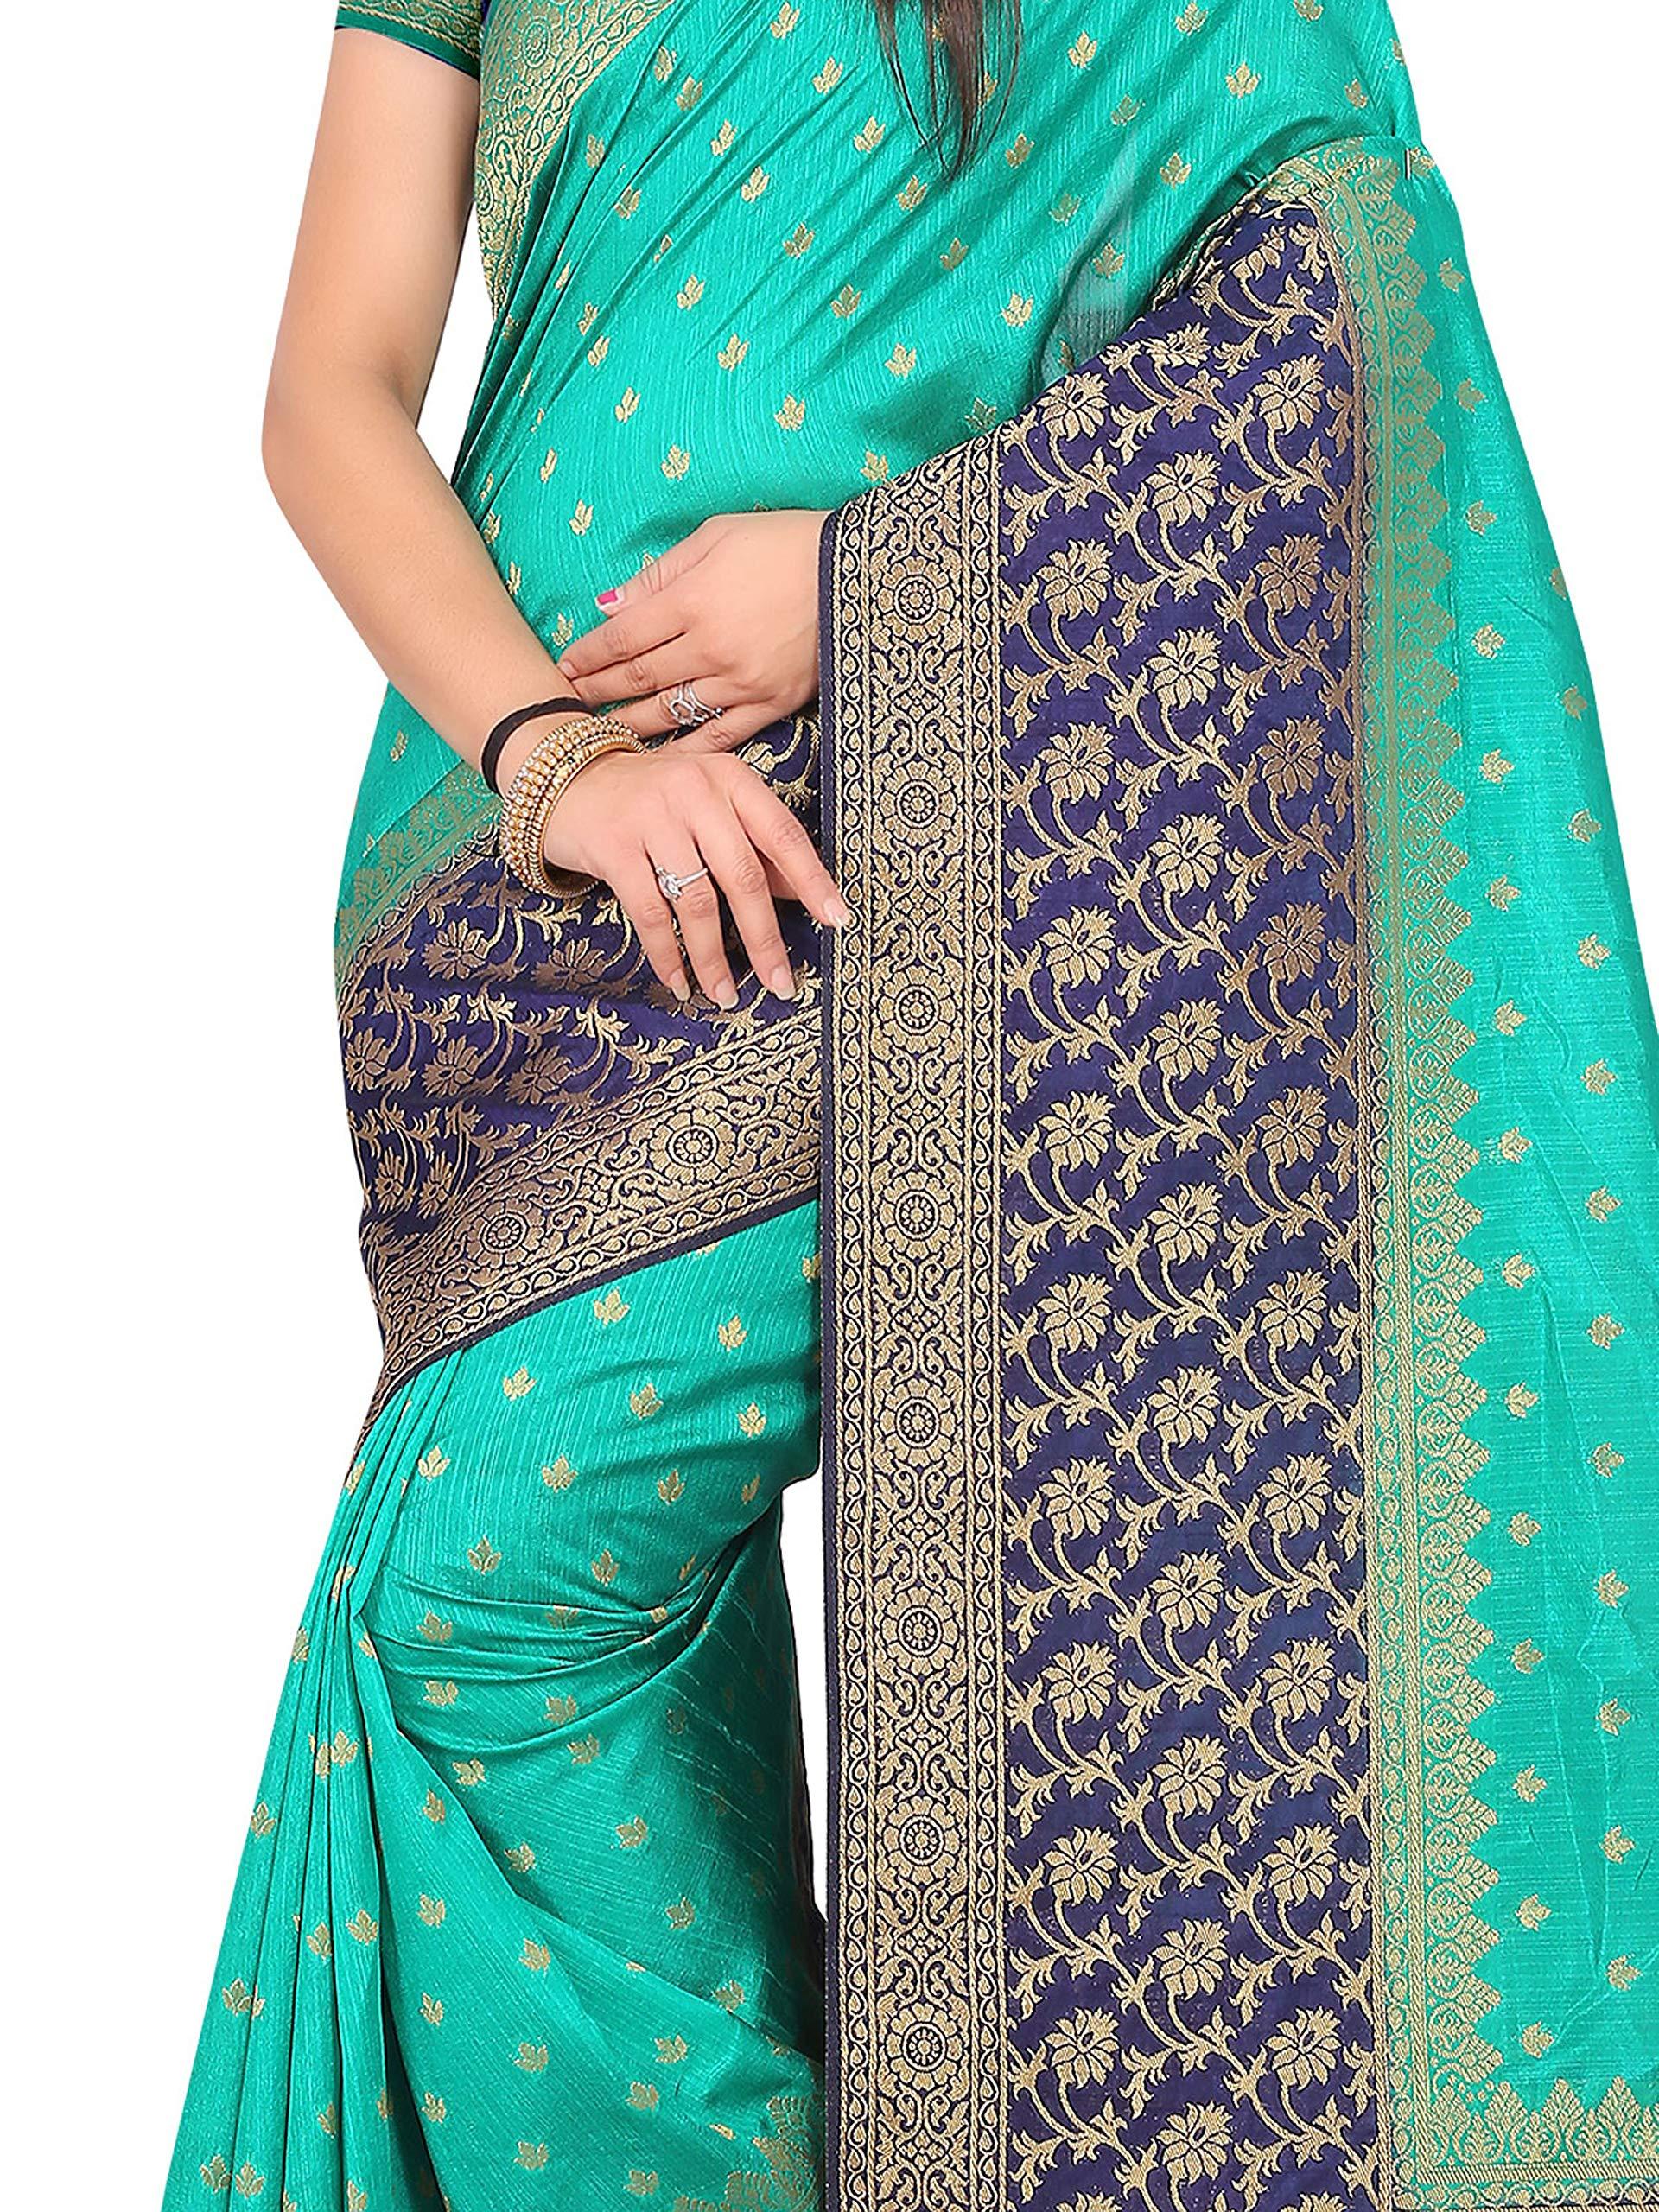 a9575c5fcc arars kanjivaram kanchipuram silk pattu saree (263 RA RAMA)